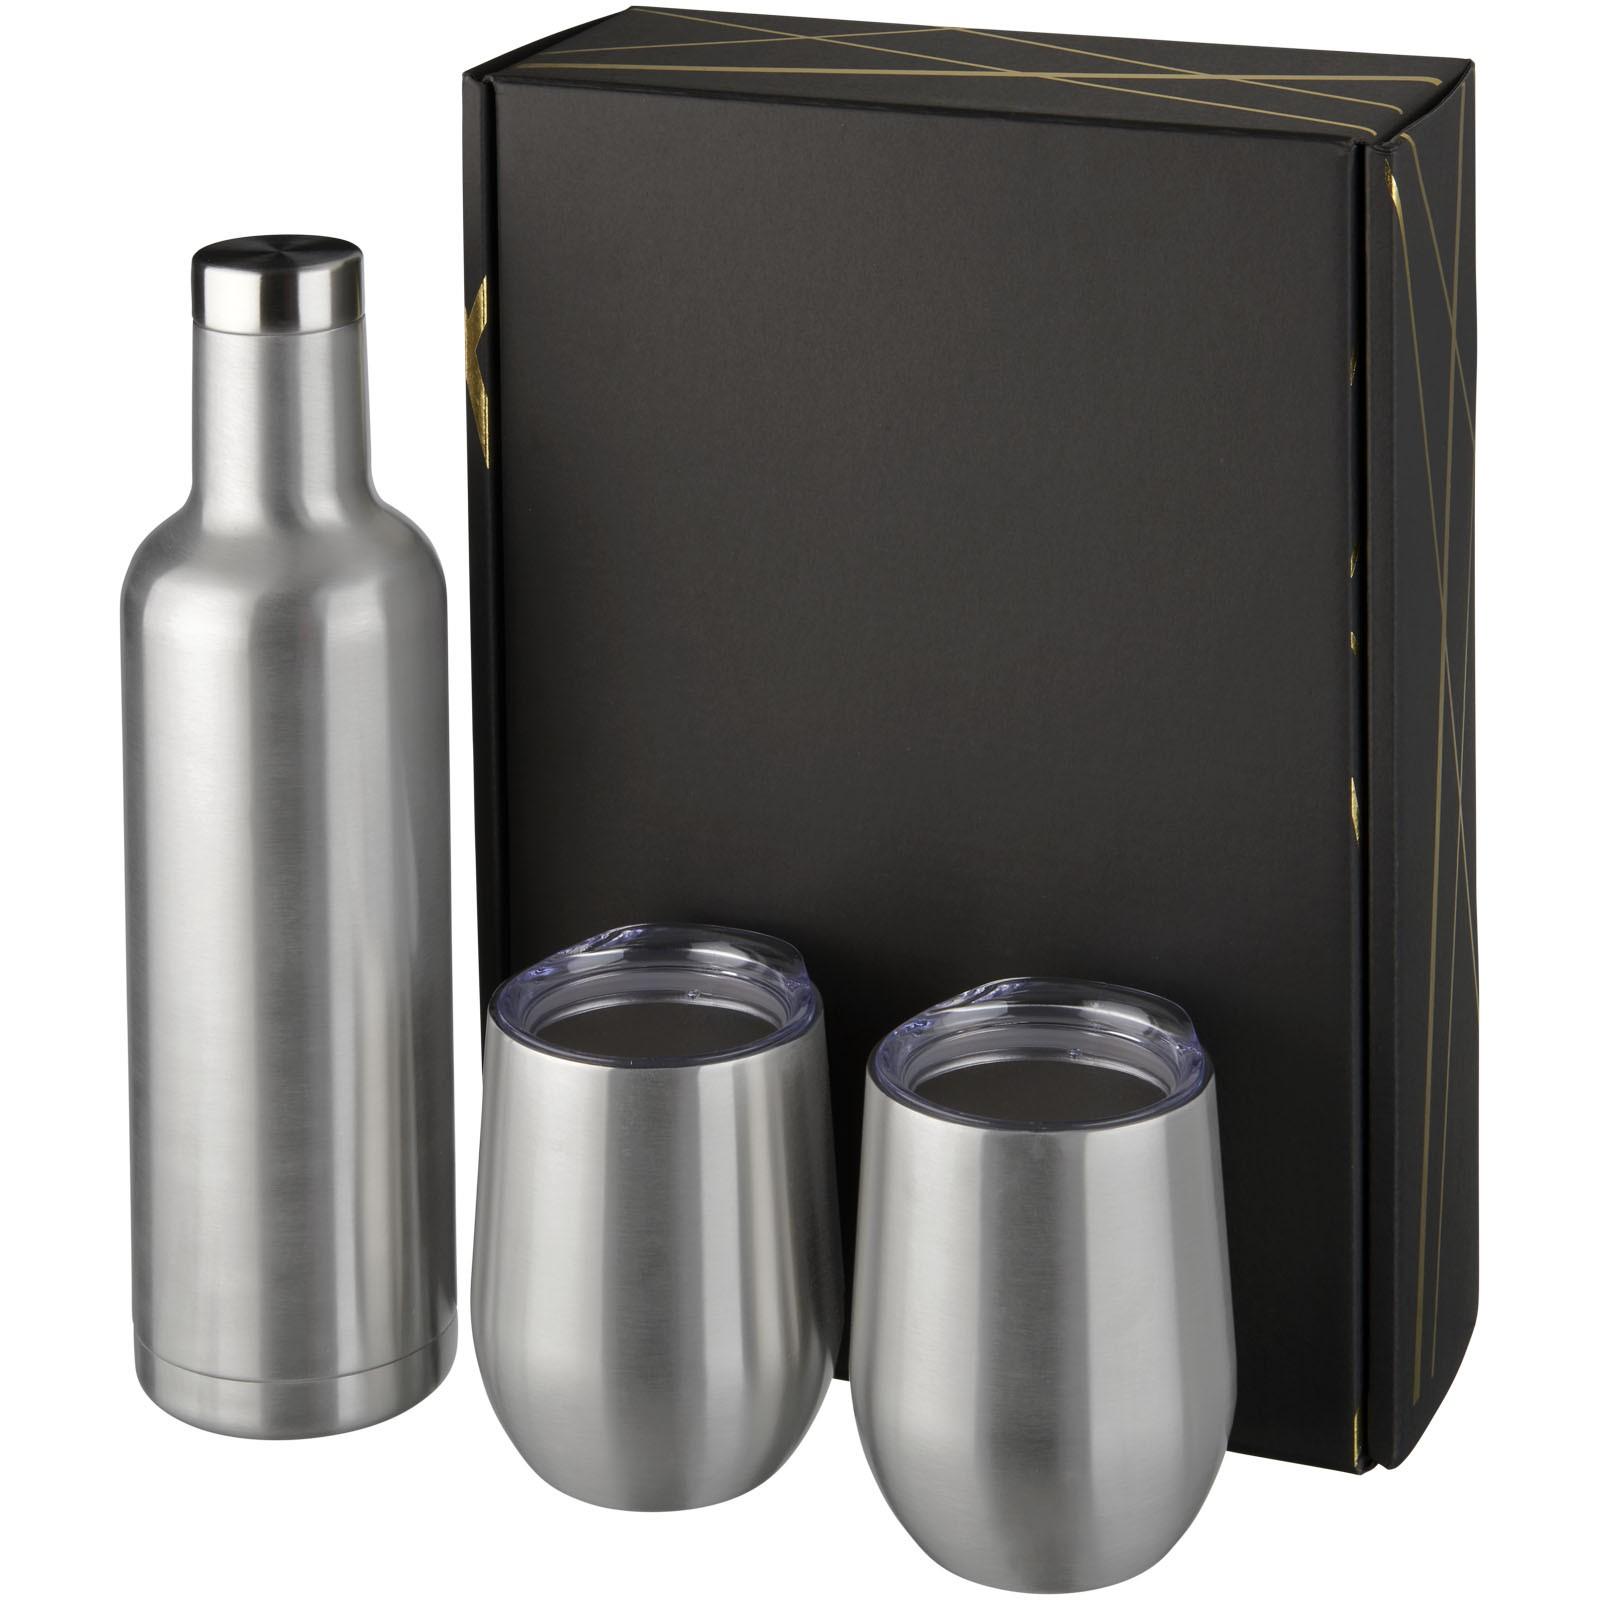 Dárková sada měděných nádob Pinto a Corzo s vakuovou izolací - Stříbrný